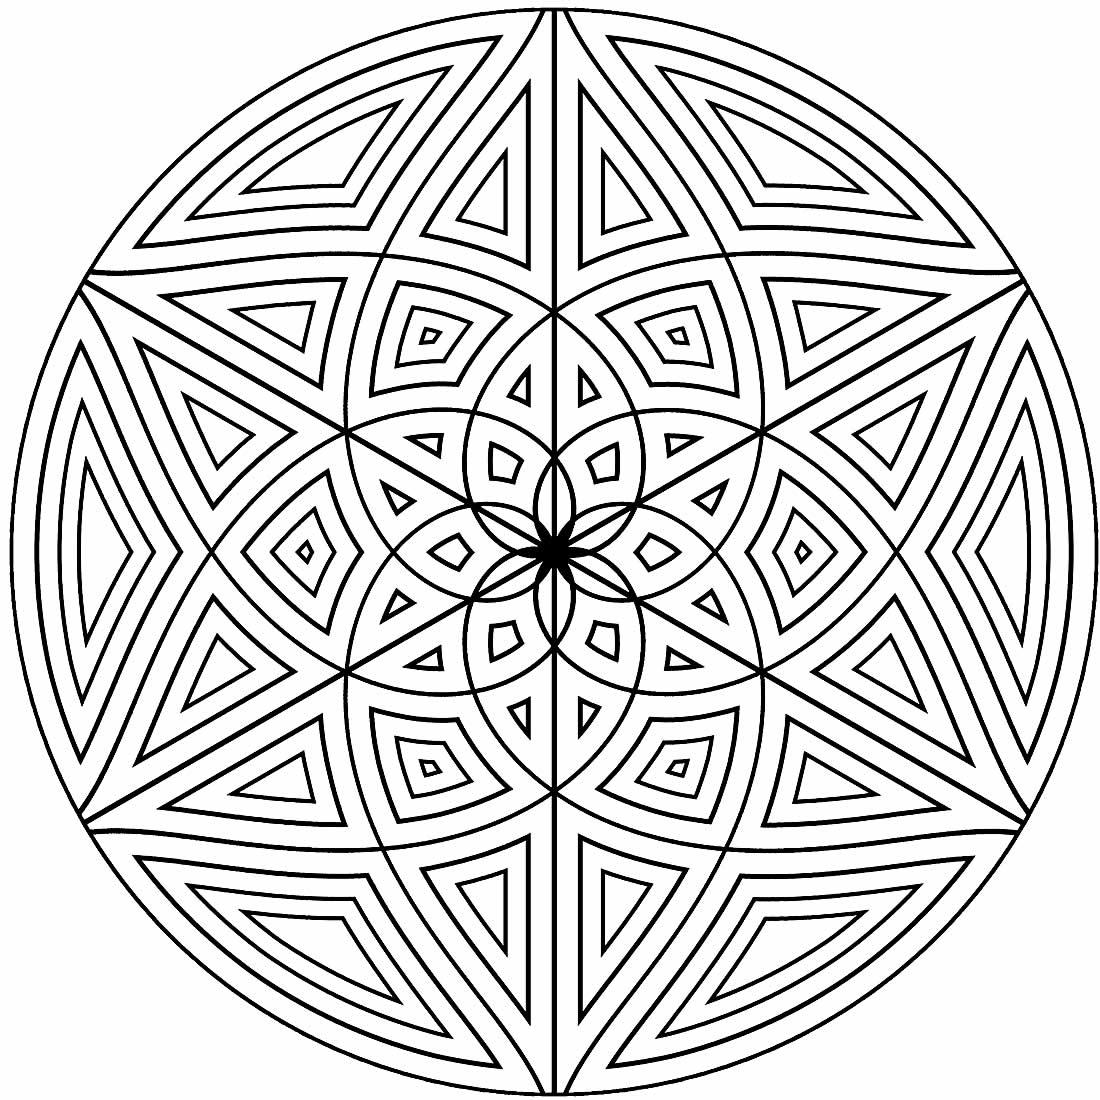 Molde geométrico para colorir